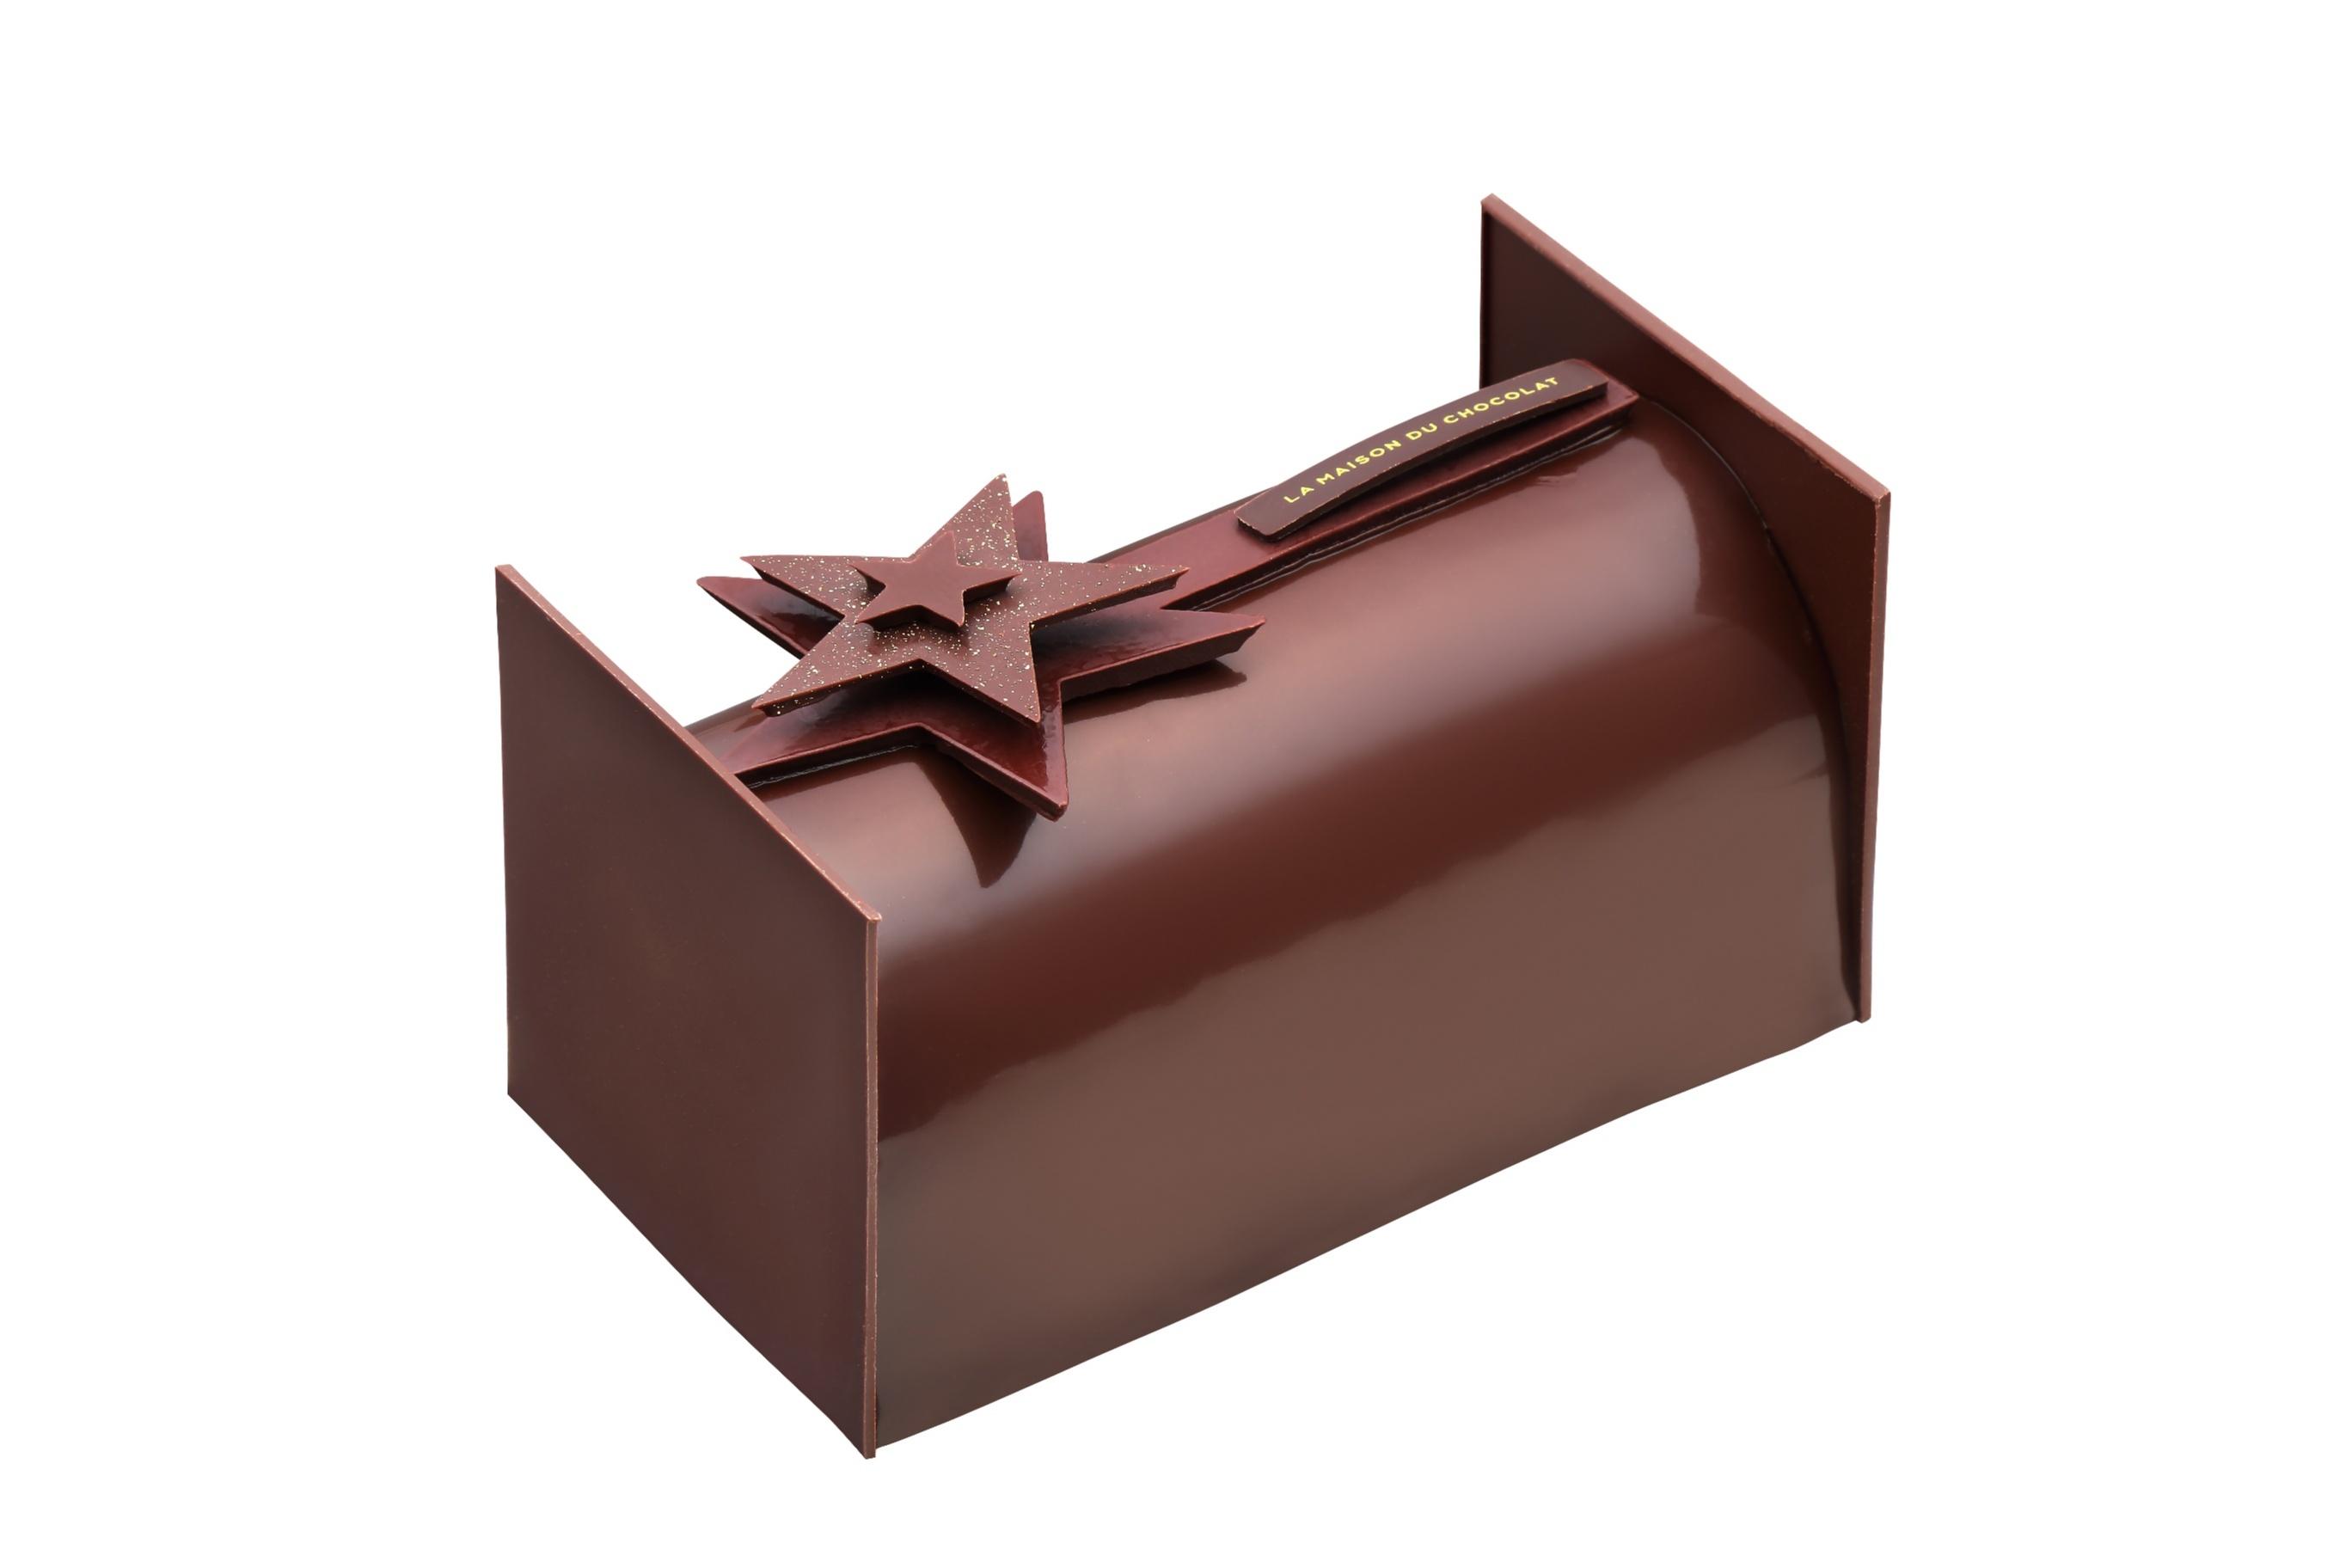 チョコレートLoverに捧ぐクリスマス♡ 『ラ・メゾン・デュ・ショコラ』のおしゃれすぎるケーキでスイートに!_1_1